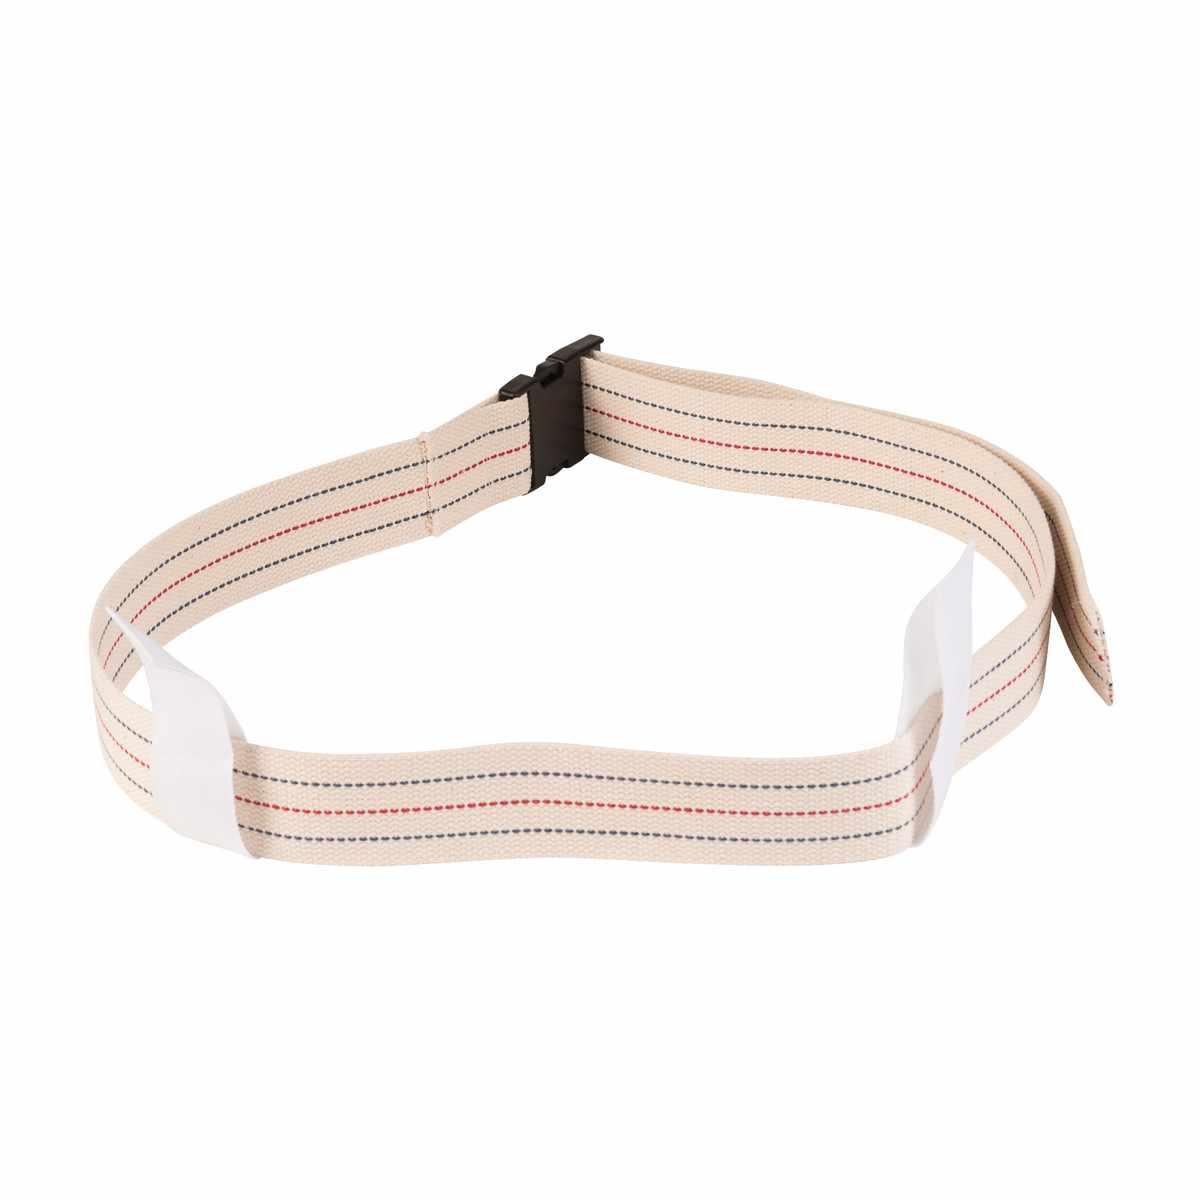 DMI Ambulation Gait Belt